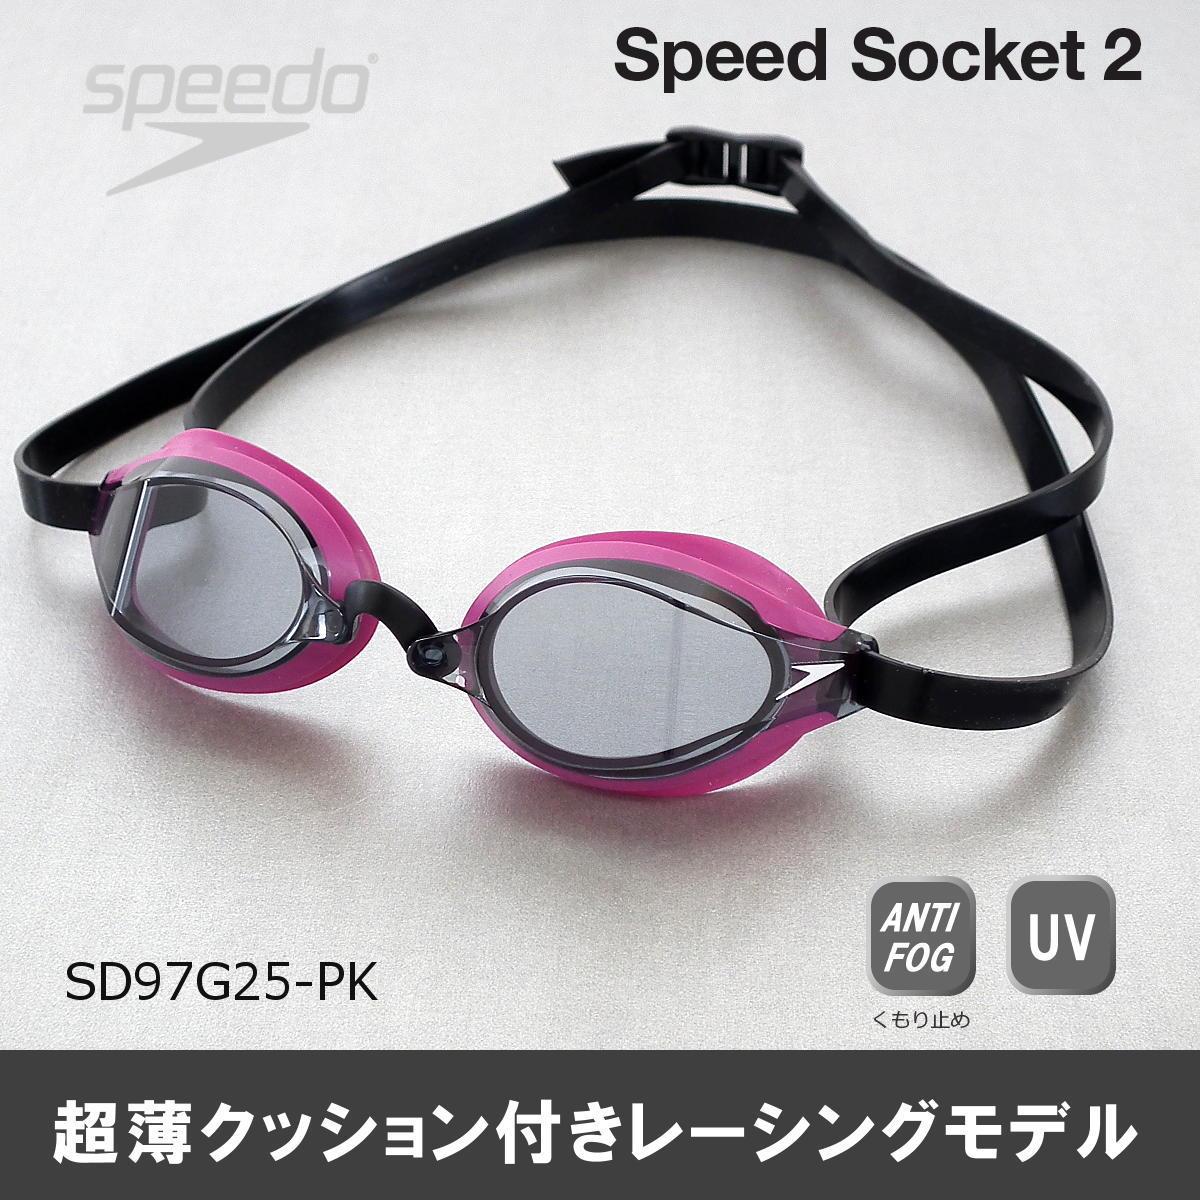 【スイムゴーグル】SPEEDO スピード クッション付き スイミングゴーグル クリアタイプ Speed Socket2 スピードソケット2 水泳 SD97G25-PK